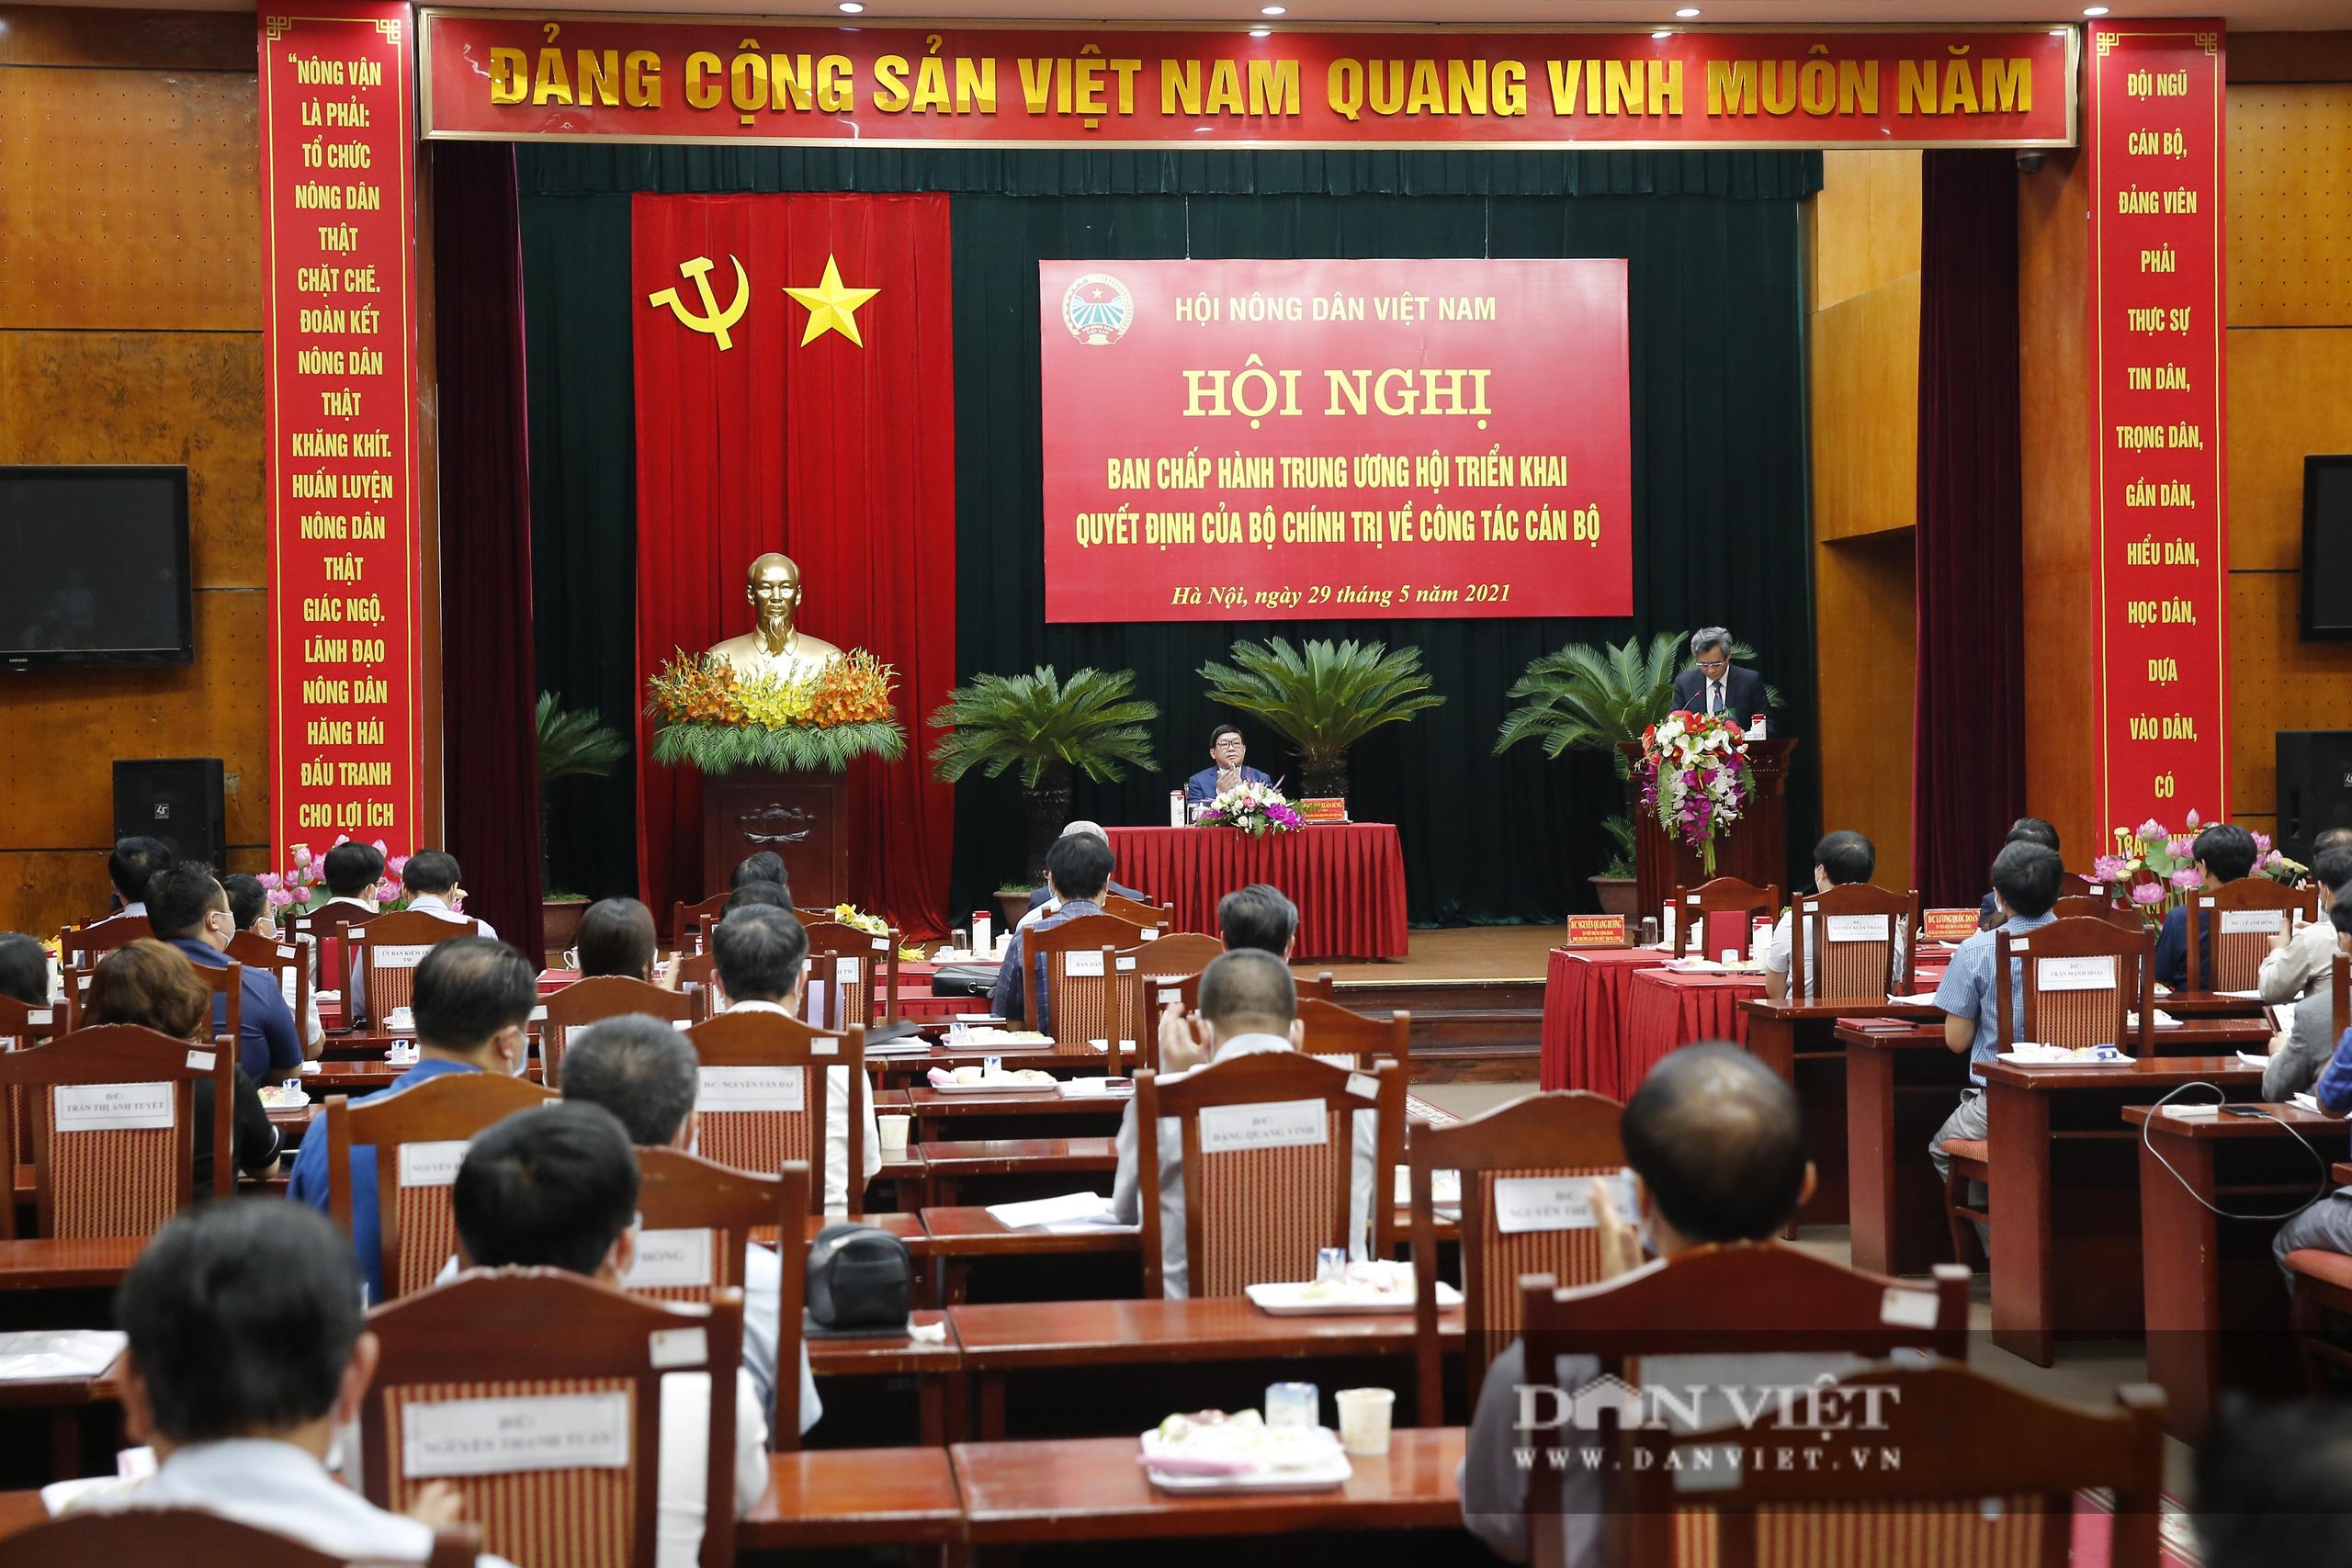 Ảnh: Hội nghị BCH TƯ Hội Nông dân Việt Nam triển khai quyết định của Bộ Chính trị về công tác cán bộ - Ảnh 1.